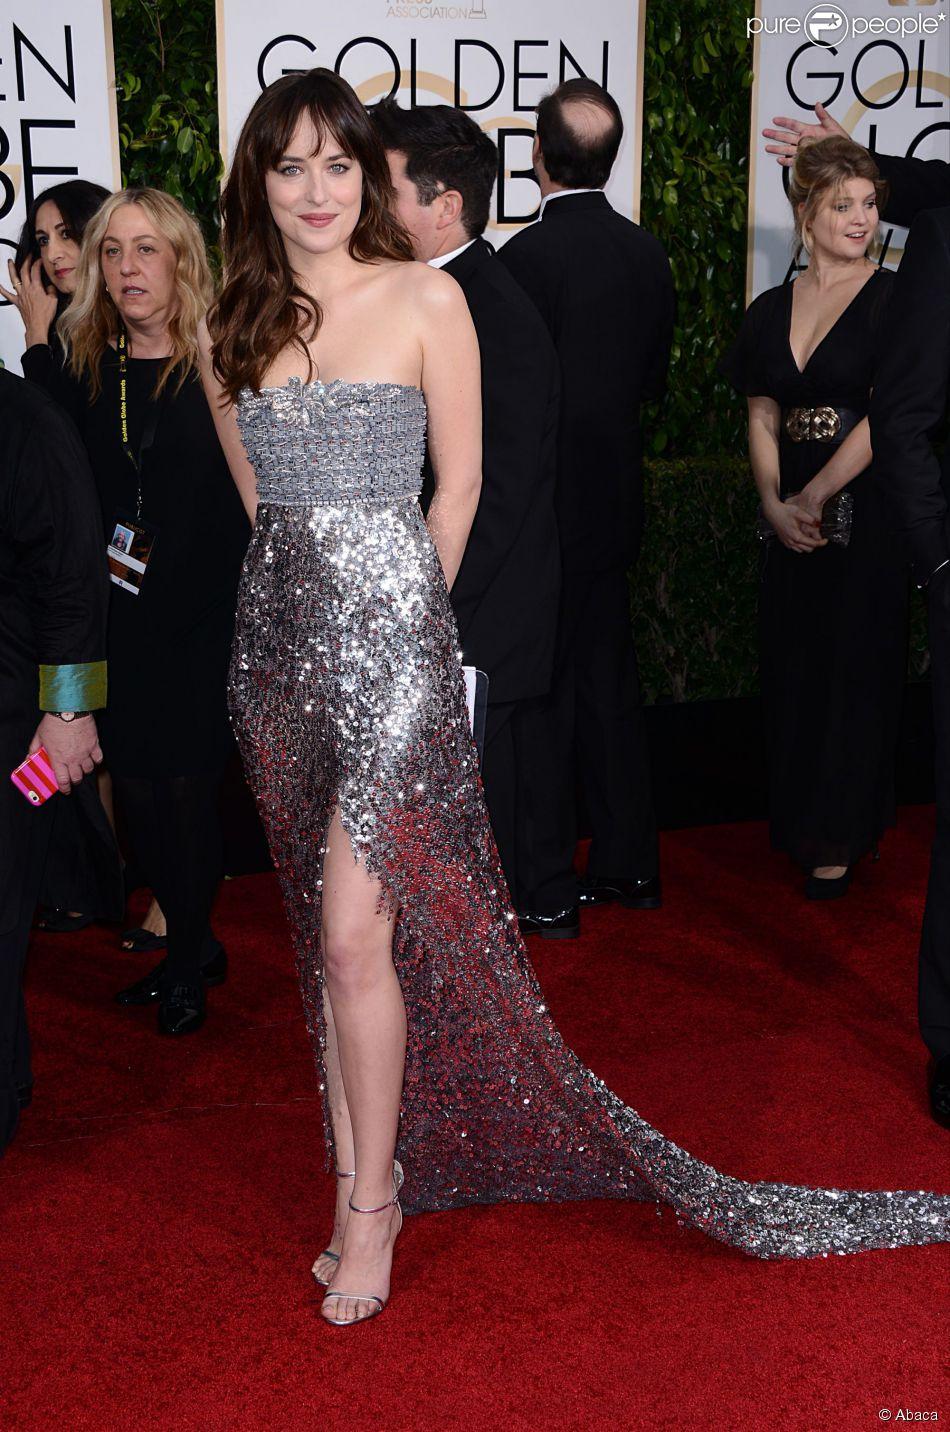 Dakota Johnson brille en quelques nuances de gris dans une robe Chanel Couture de toute beauté. 72e cérémonie des Golden Globes le 11 janvier 2015